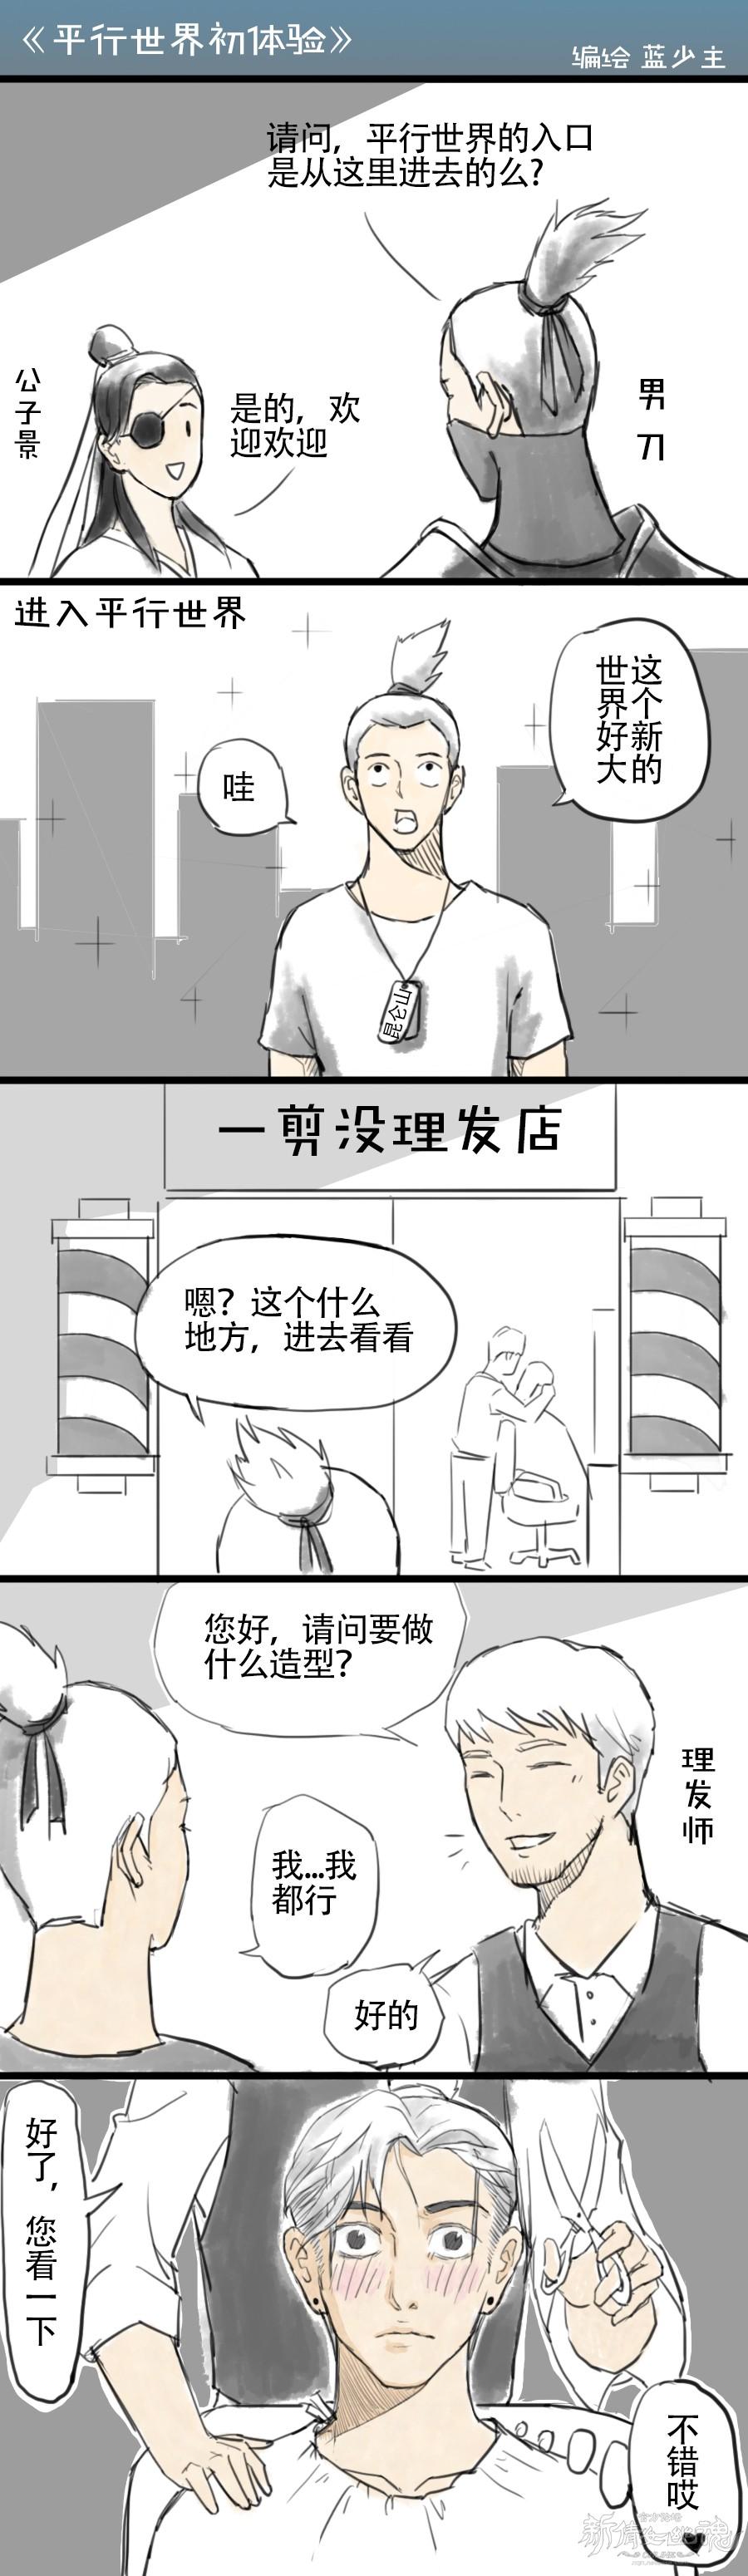 【名人堂】【条漫】《平行世界初体验1》